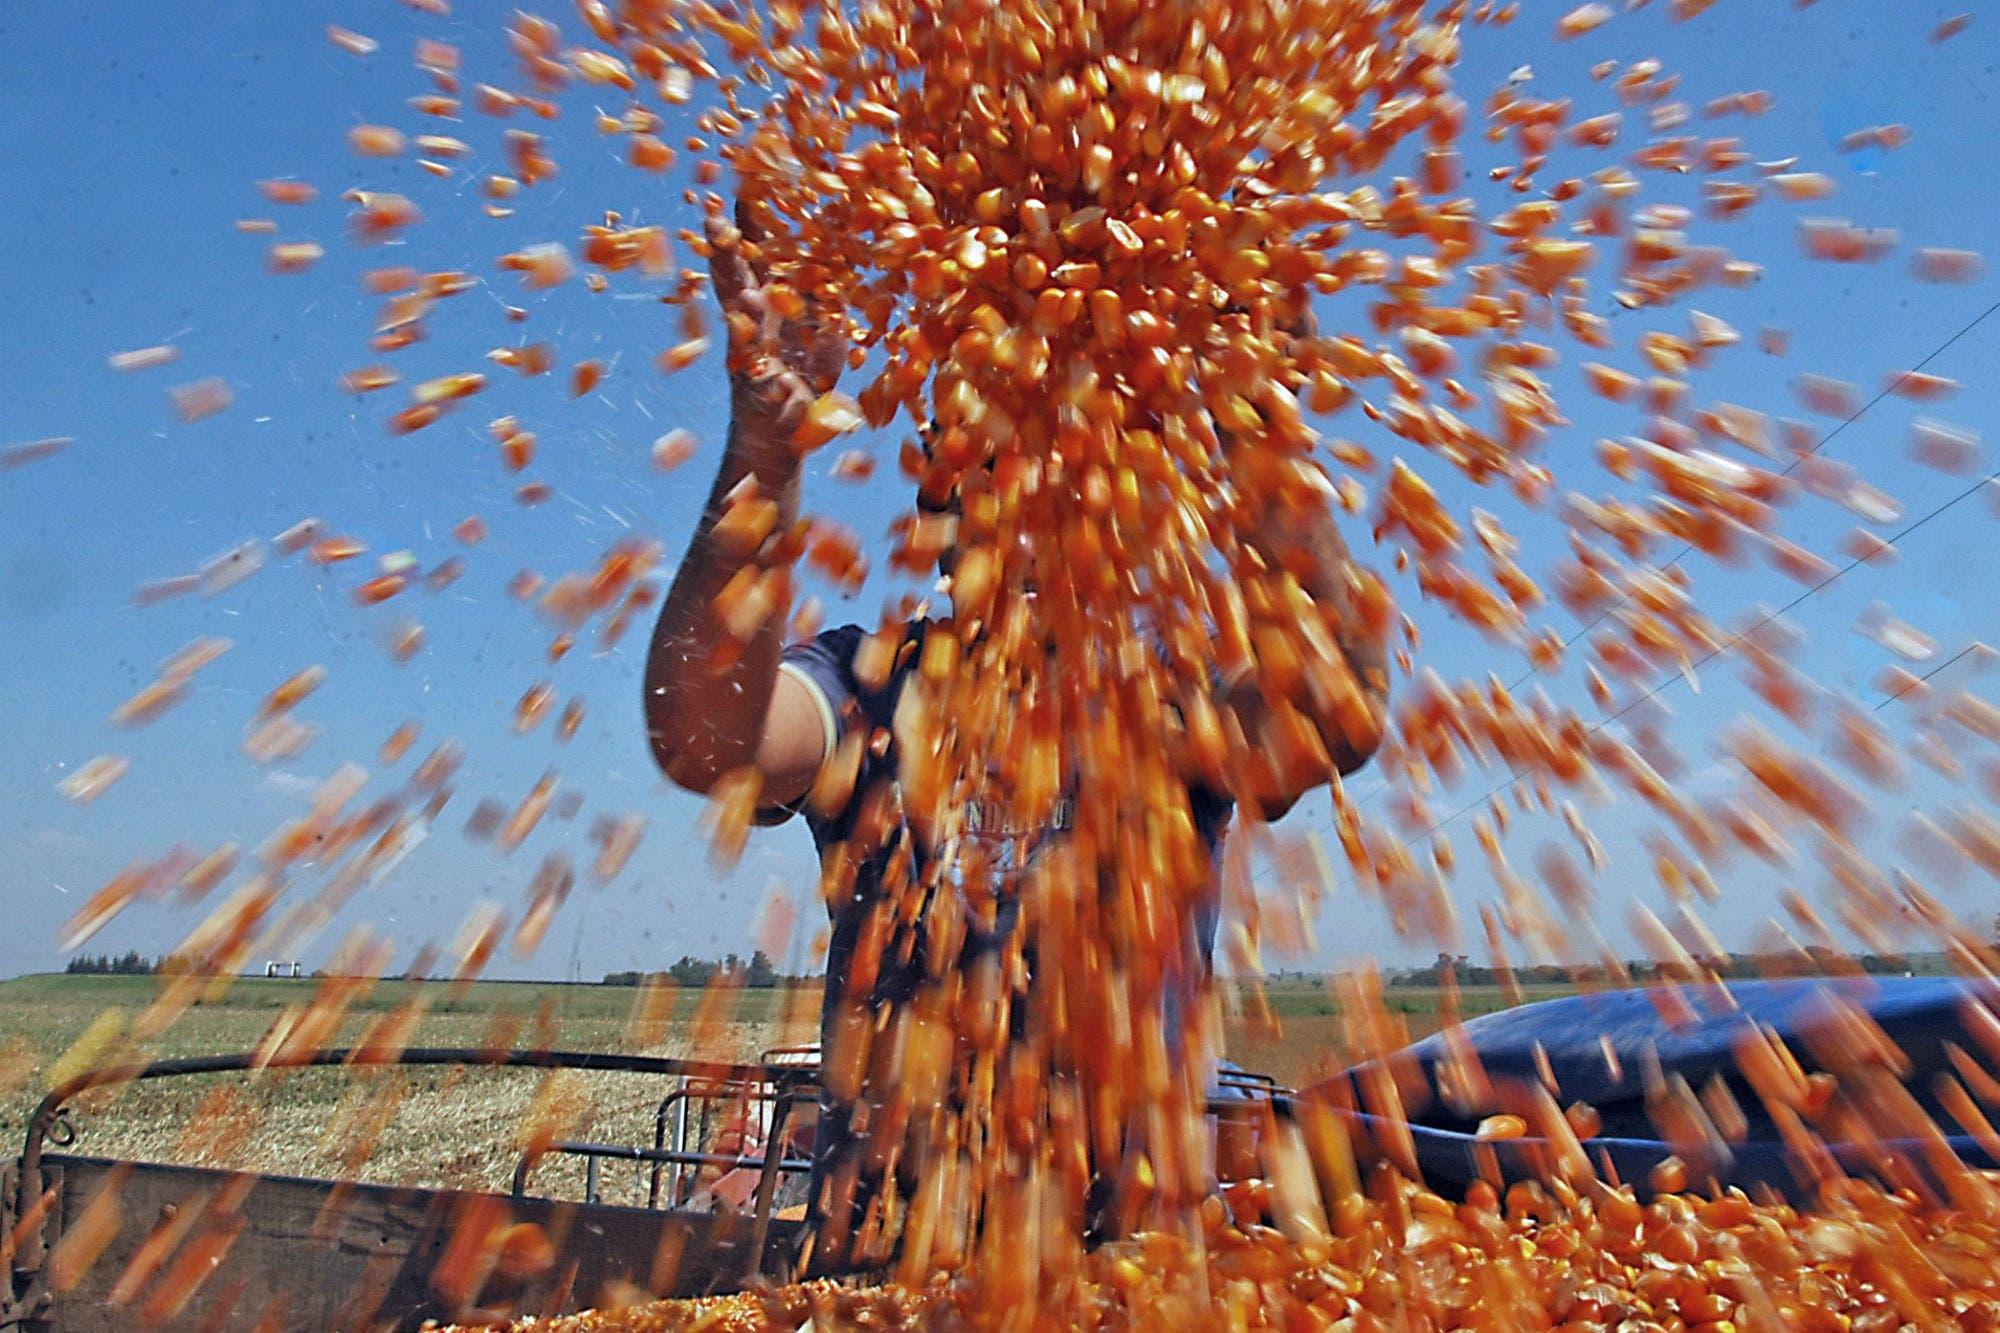 Con una suba del 4,1%, el precio del maíz volvió al nivel más alto desde julio de 2013 en Chicago